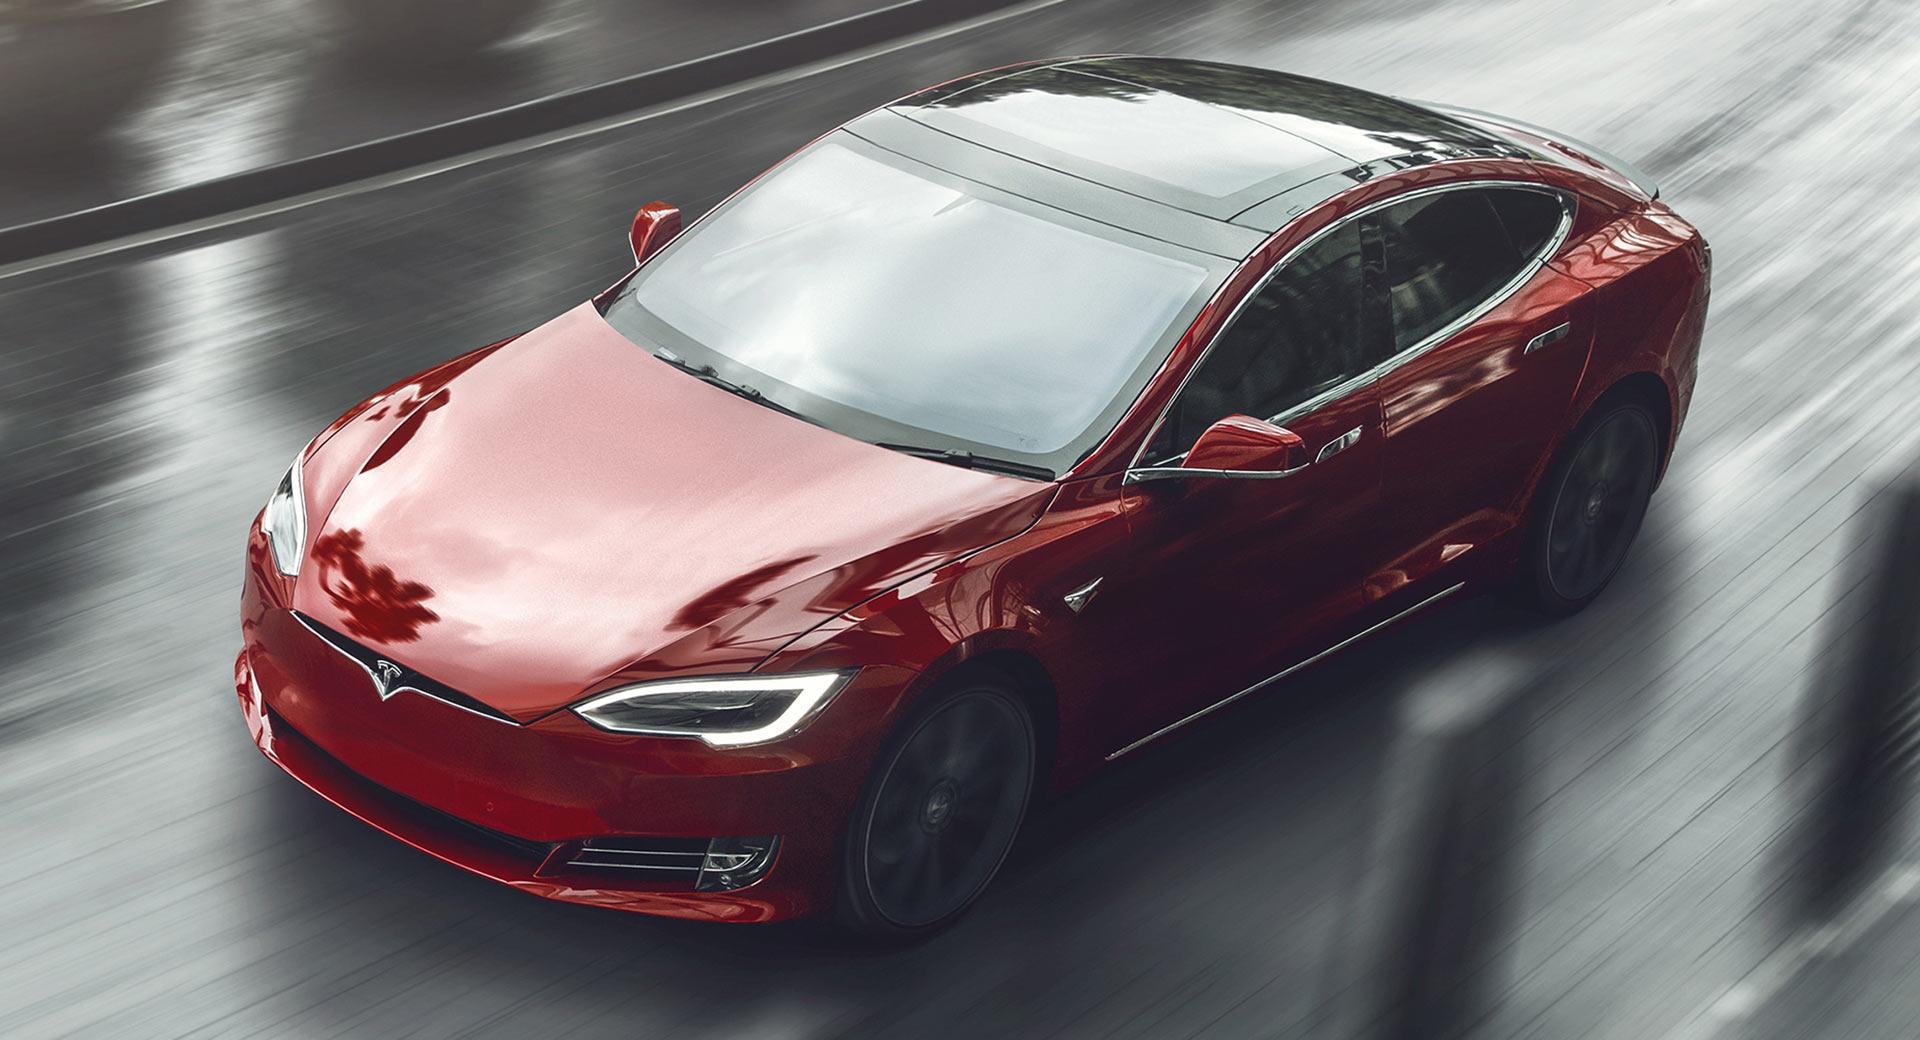 Tesla представила свой самый быстрый электромобиль. Максимальная скорость Model S Plaid превышает 320 км в час